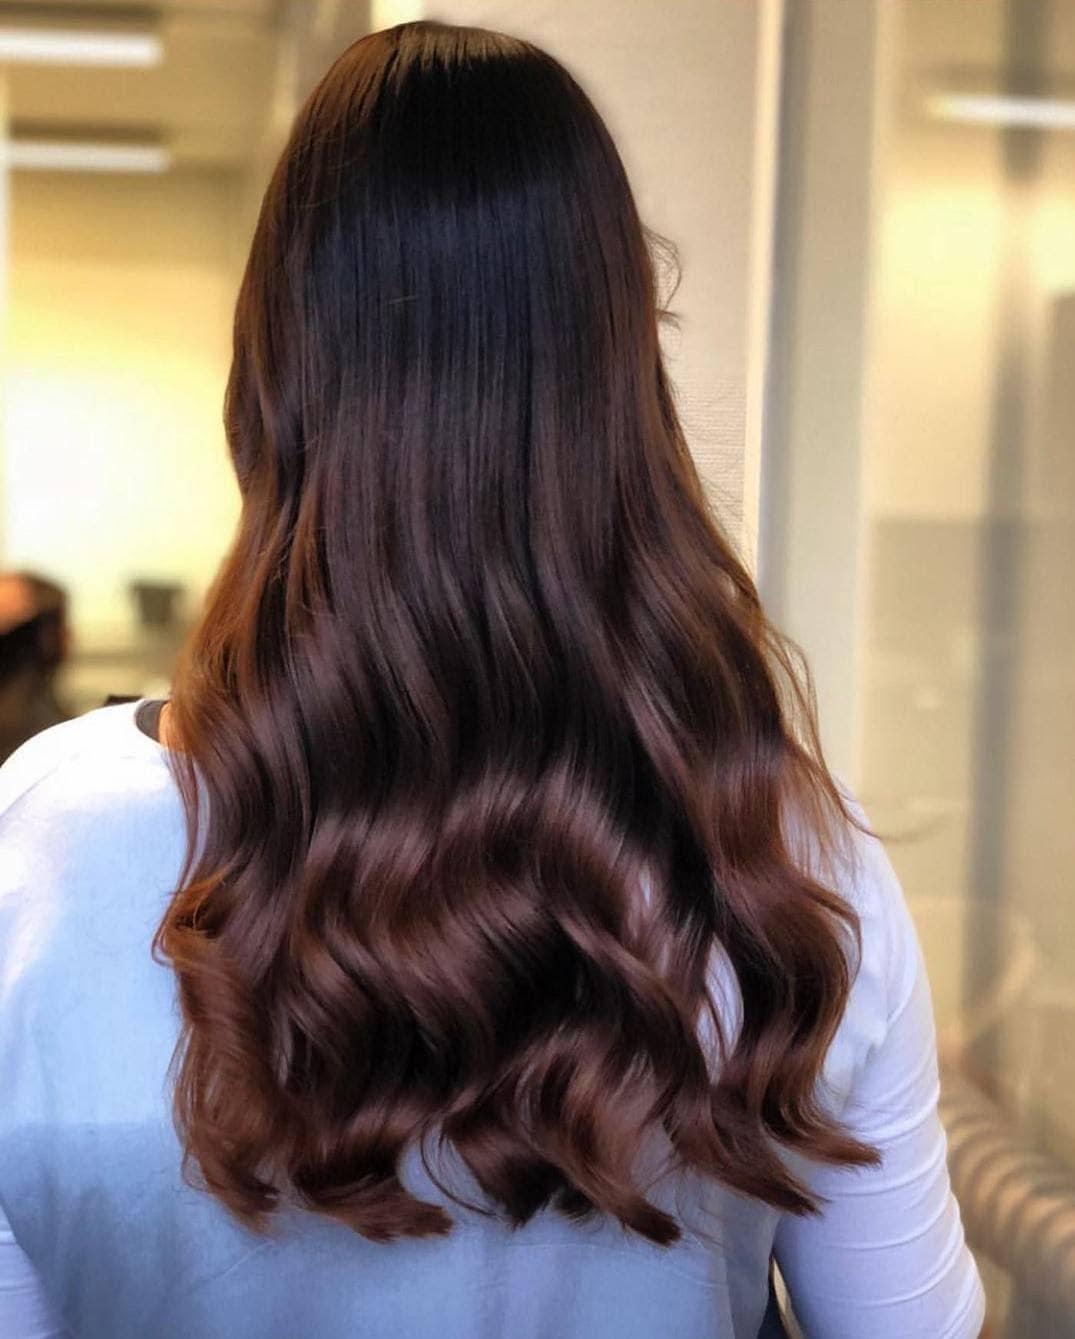 Woman with long glossy mahogany waves